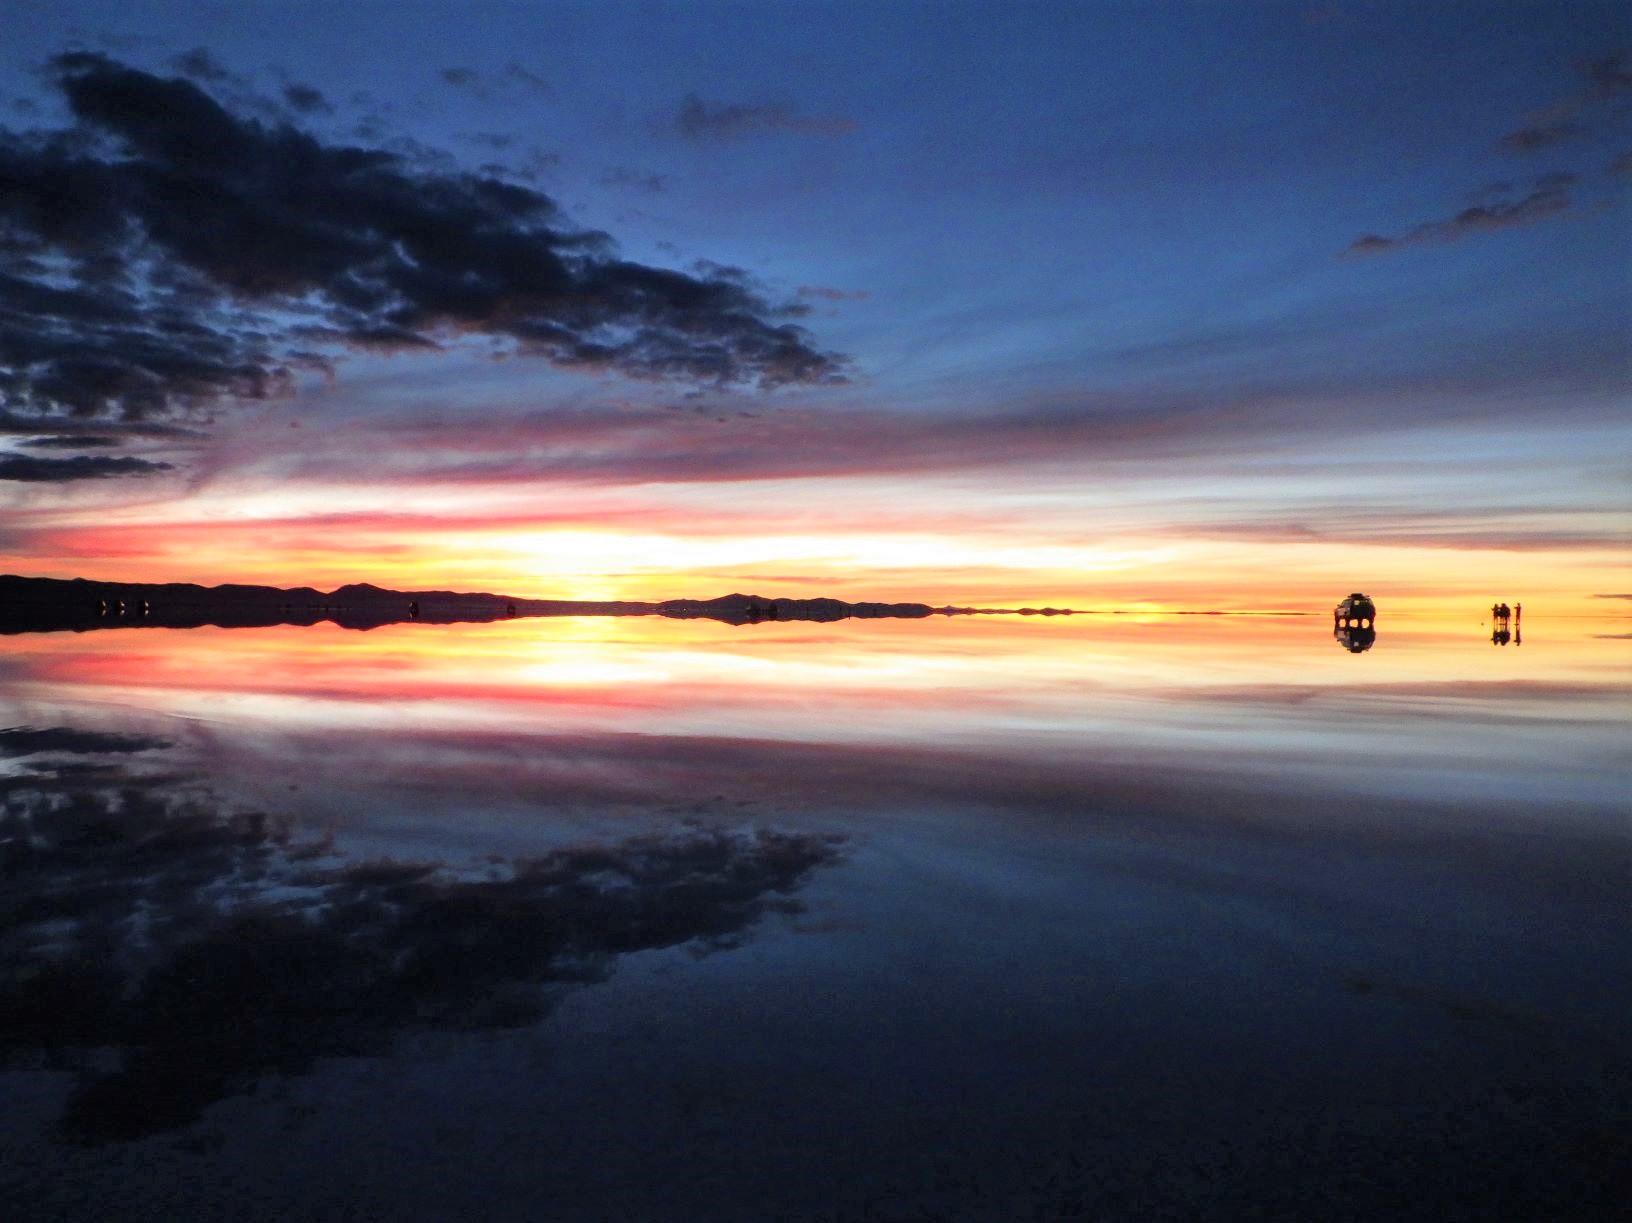 ウユニ塩湖で迎えたご来光